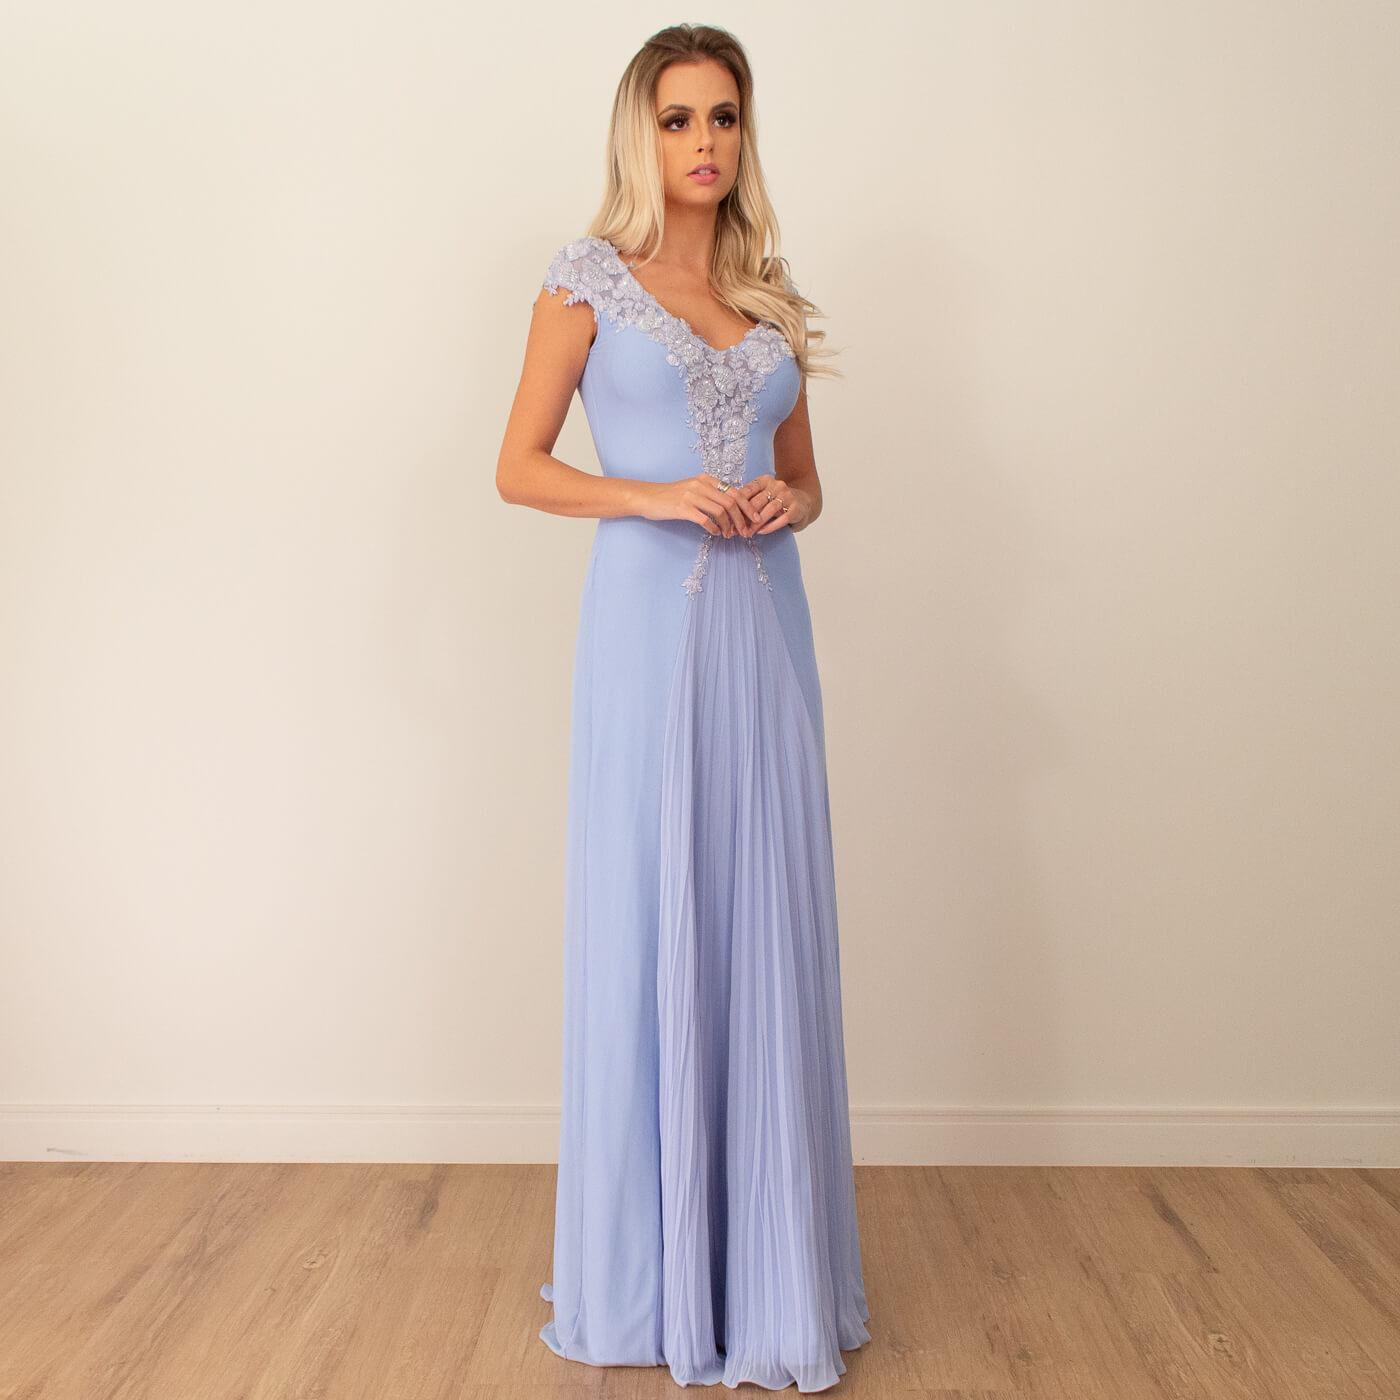 Vestido longo Lika com detalhes em bordados e pedrarias